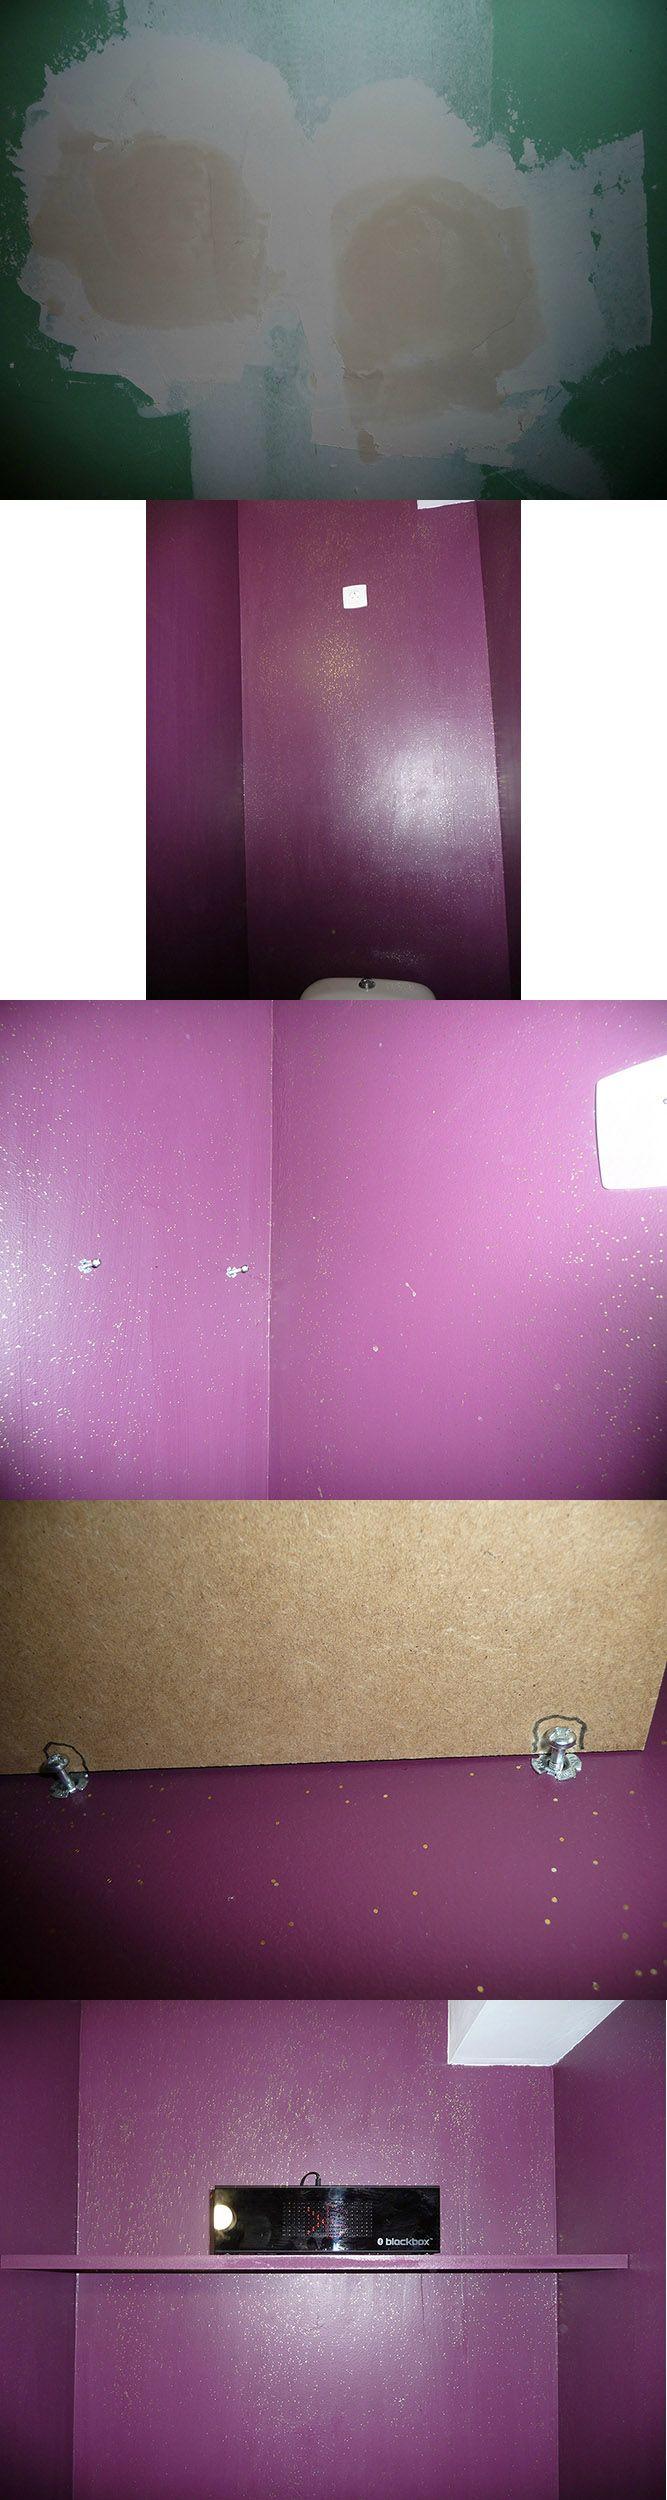 Équipement perso : Des WC modernes avec la création d'une prise de courant pour brancher une barre de son Bluetooth.